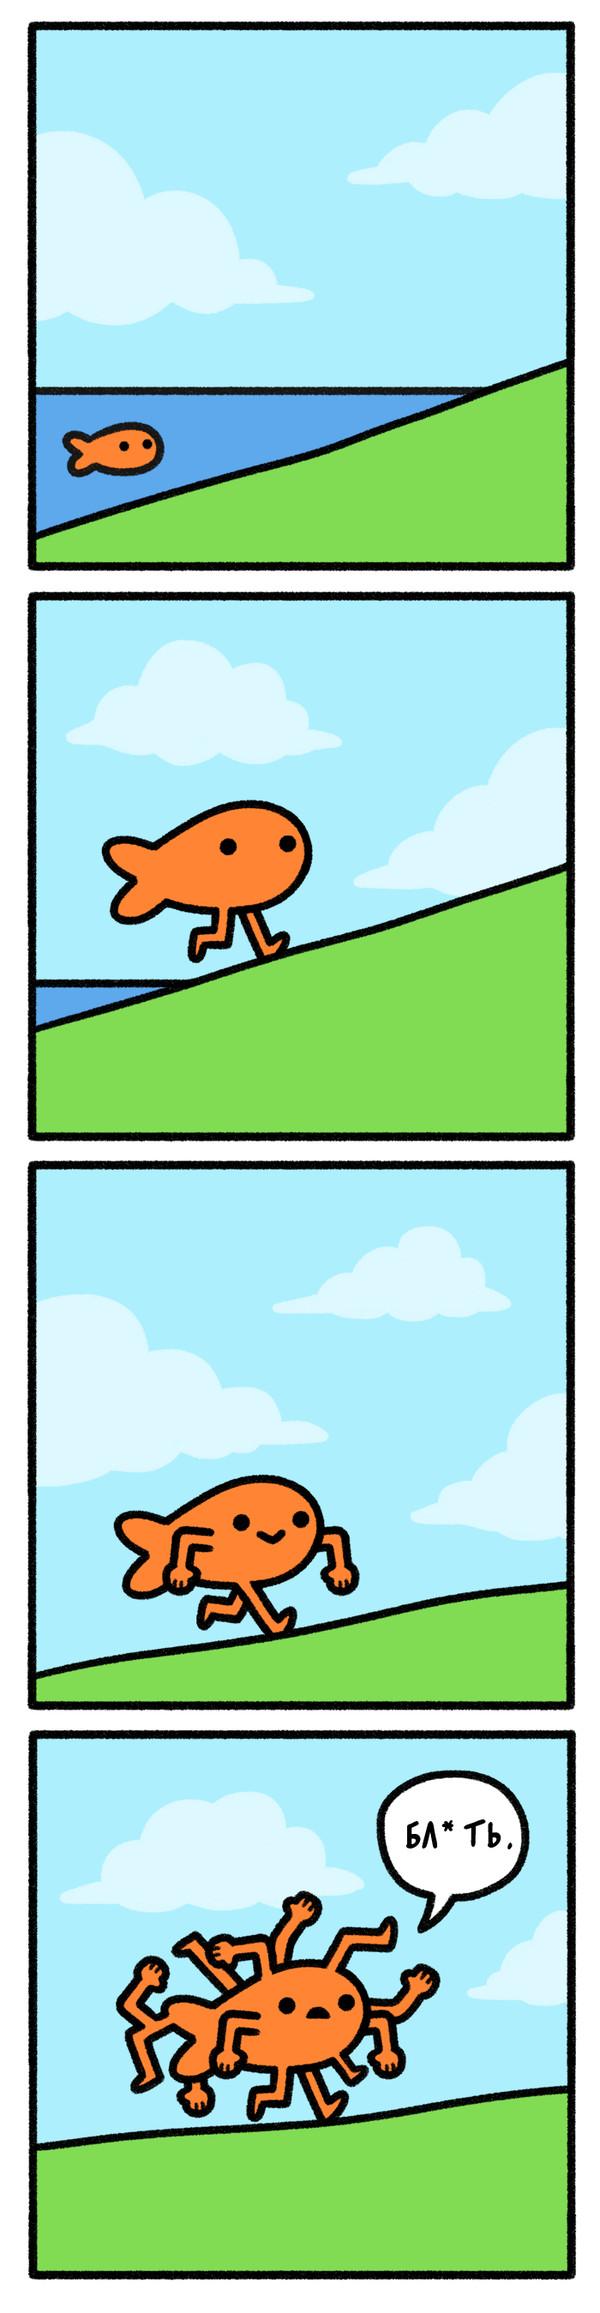 Перебор safely endangered, Комиксы, длиннопост